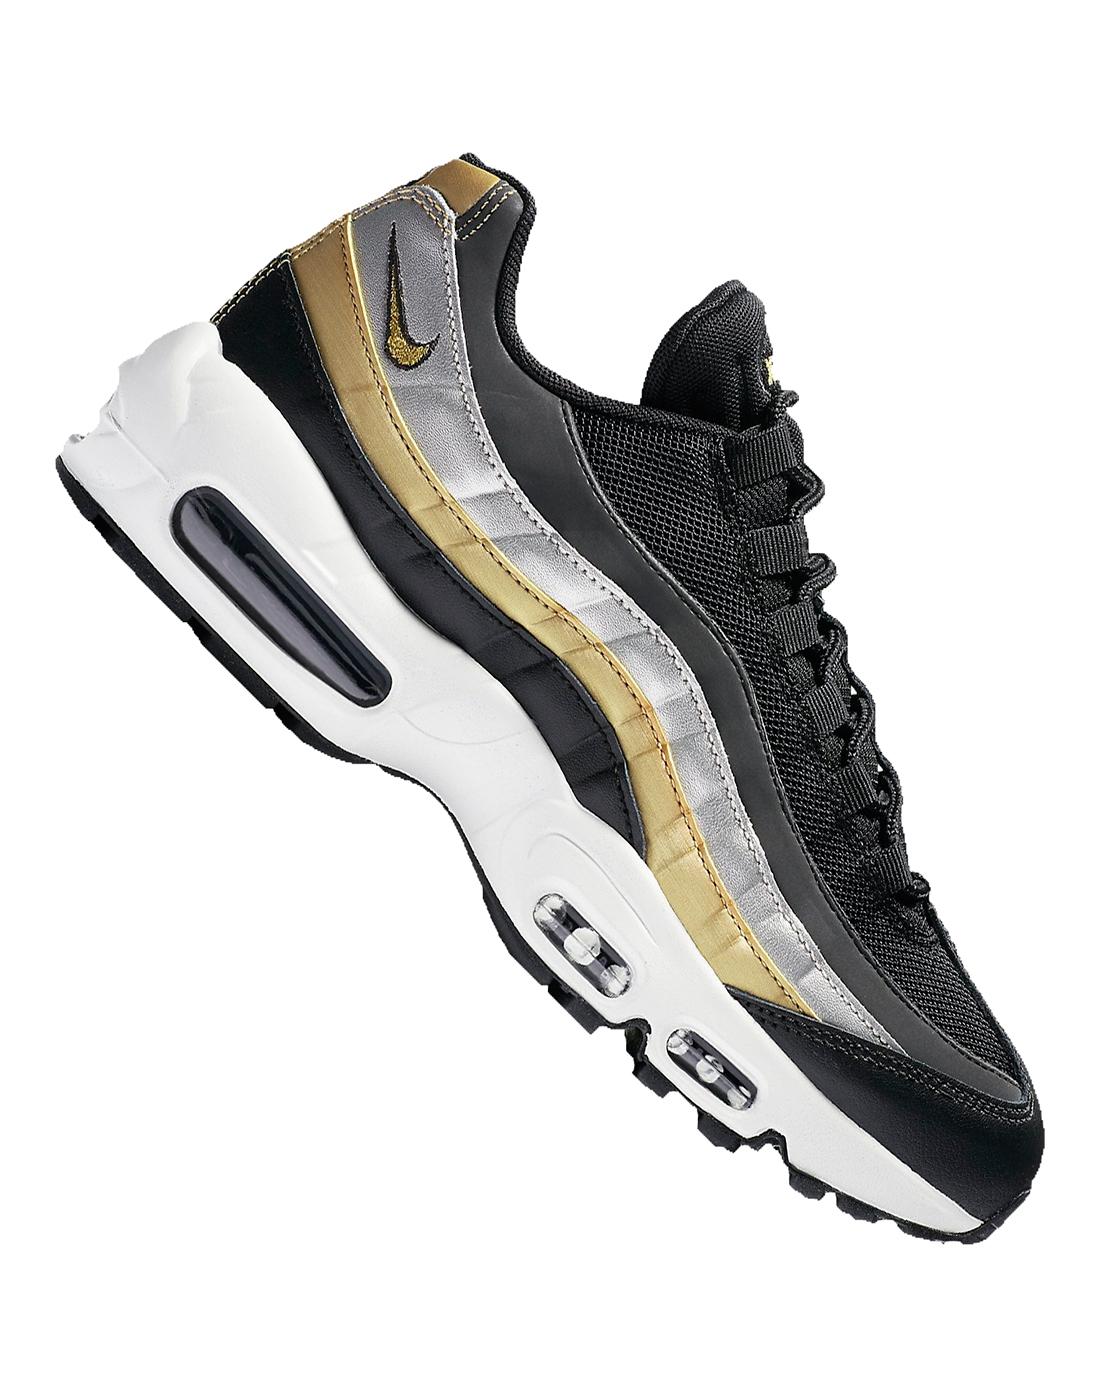 767c0d9e1 Women s Gold Nike Air Max 95